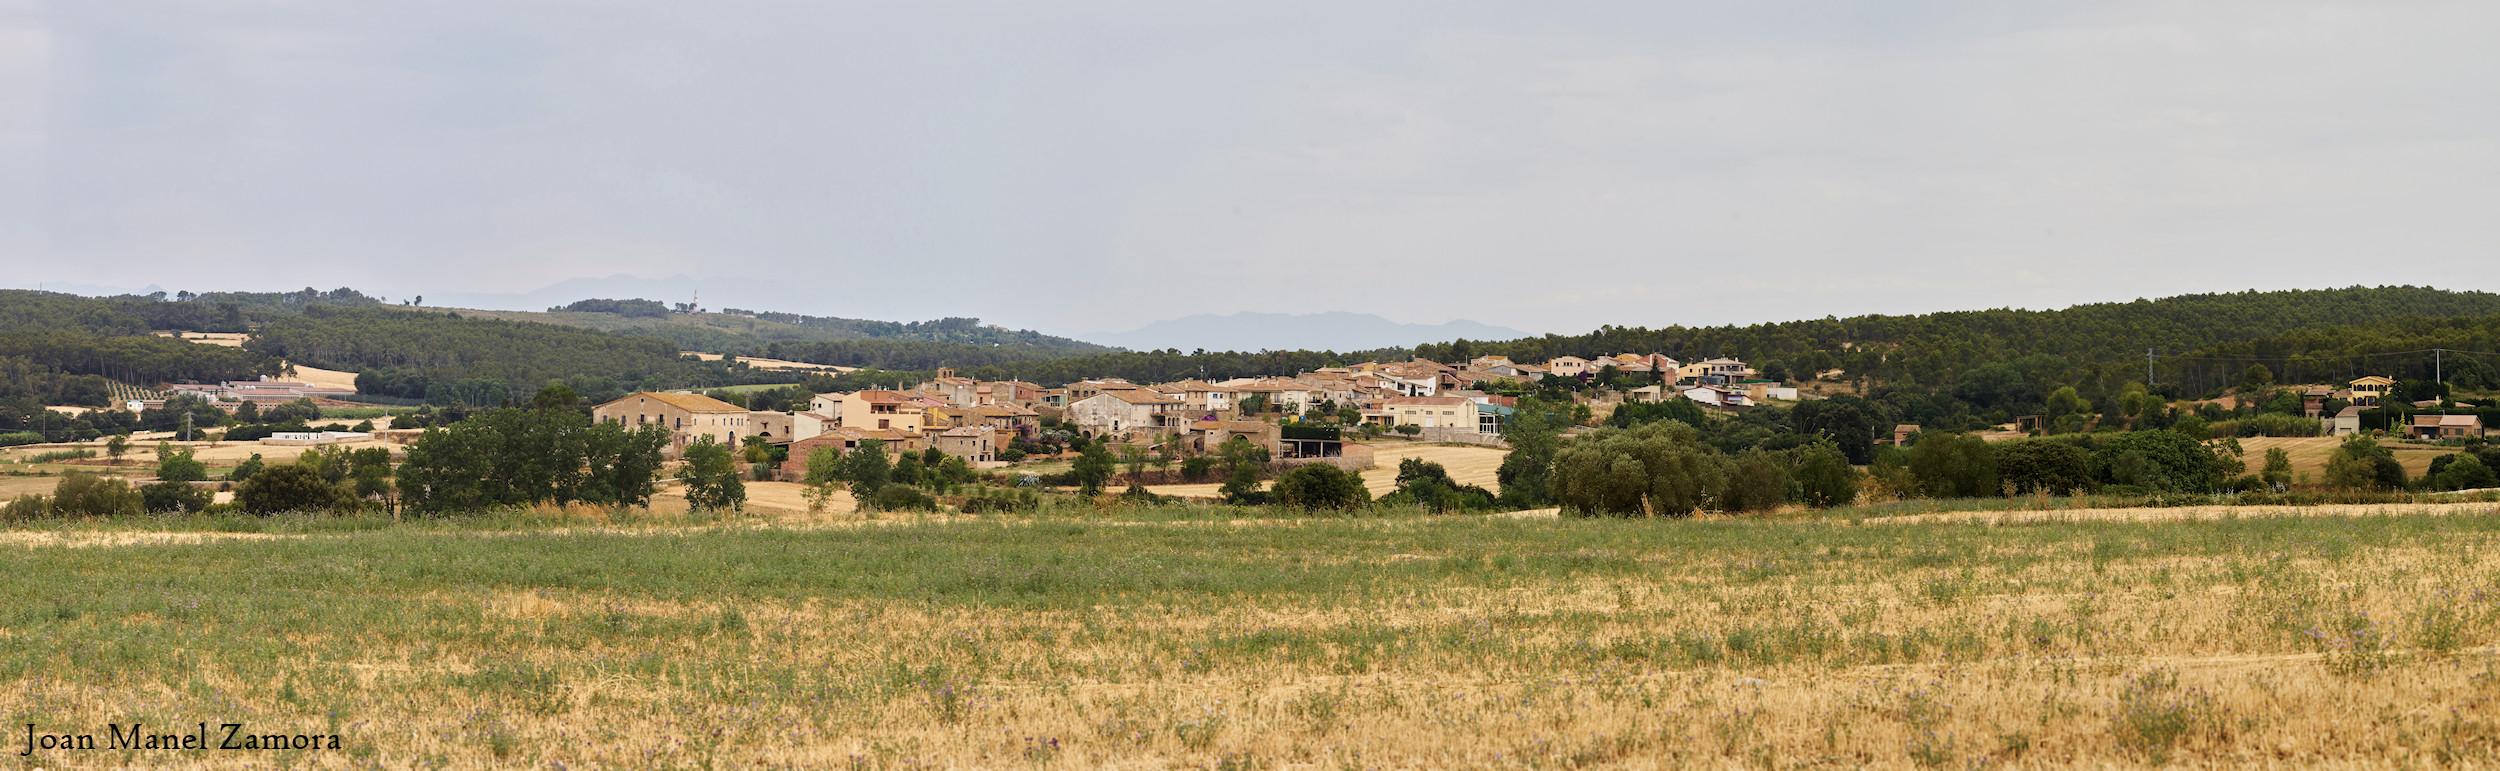 03173 Les Olives